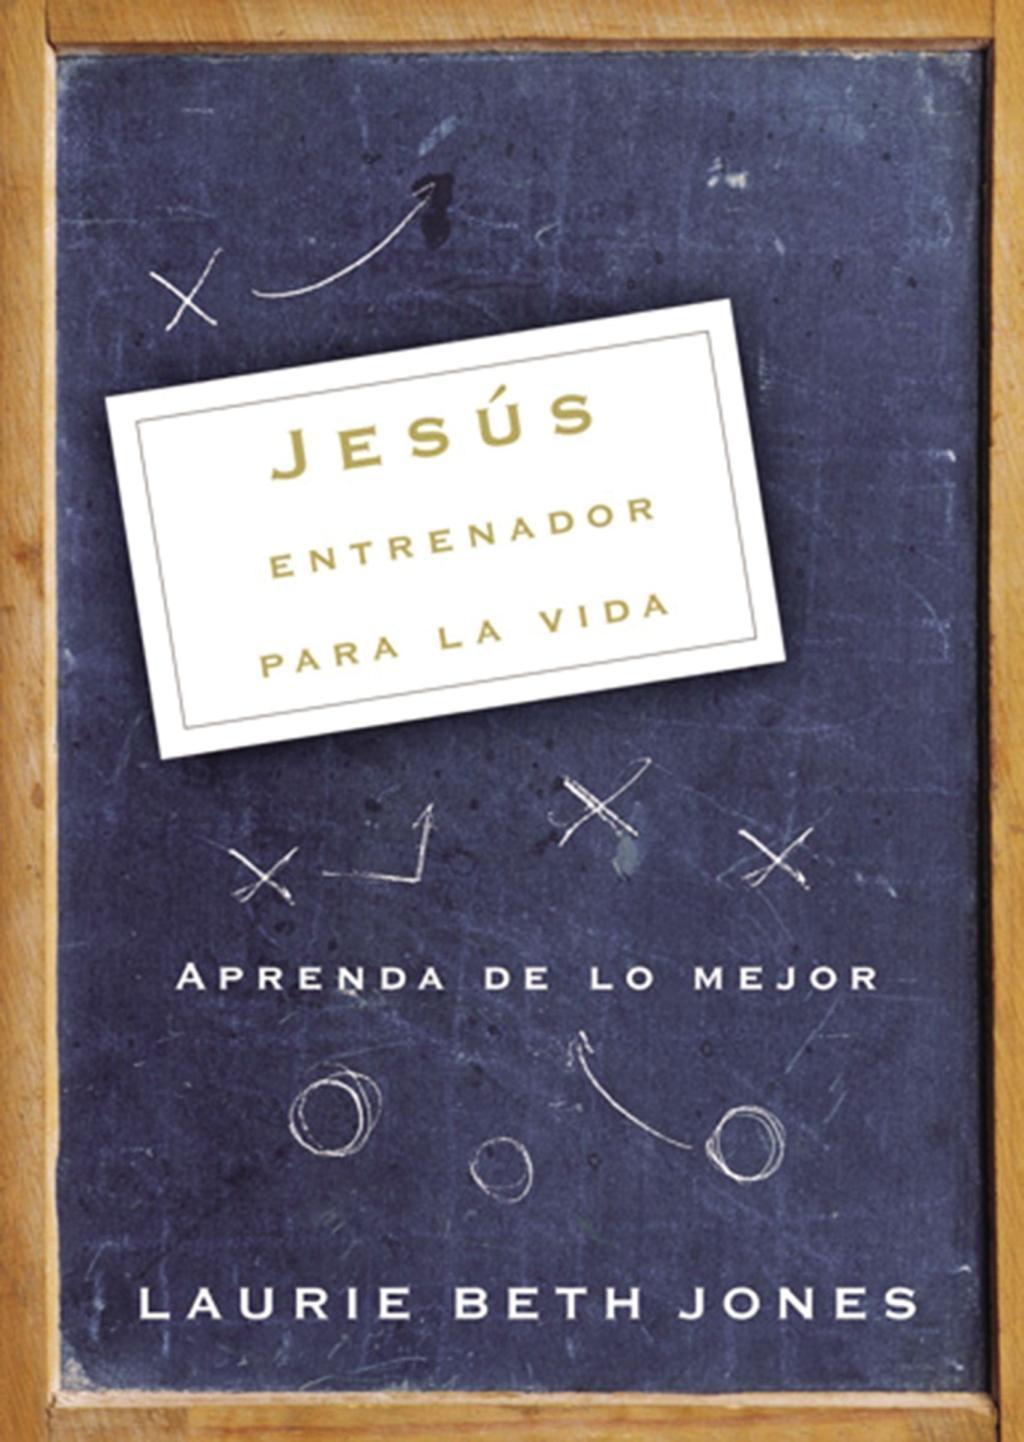 Jesús, entrenador para la vida